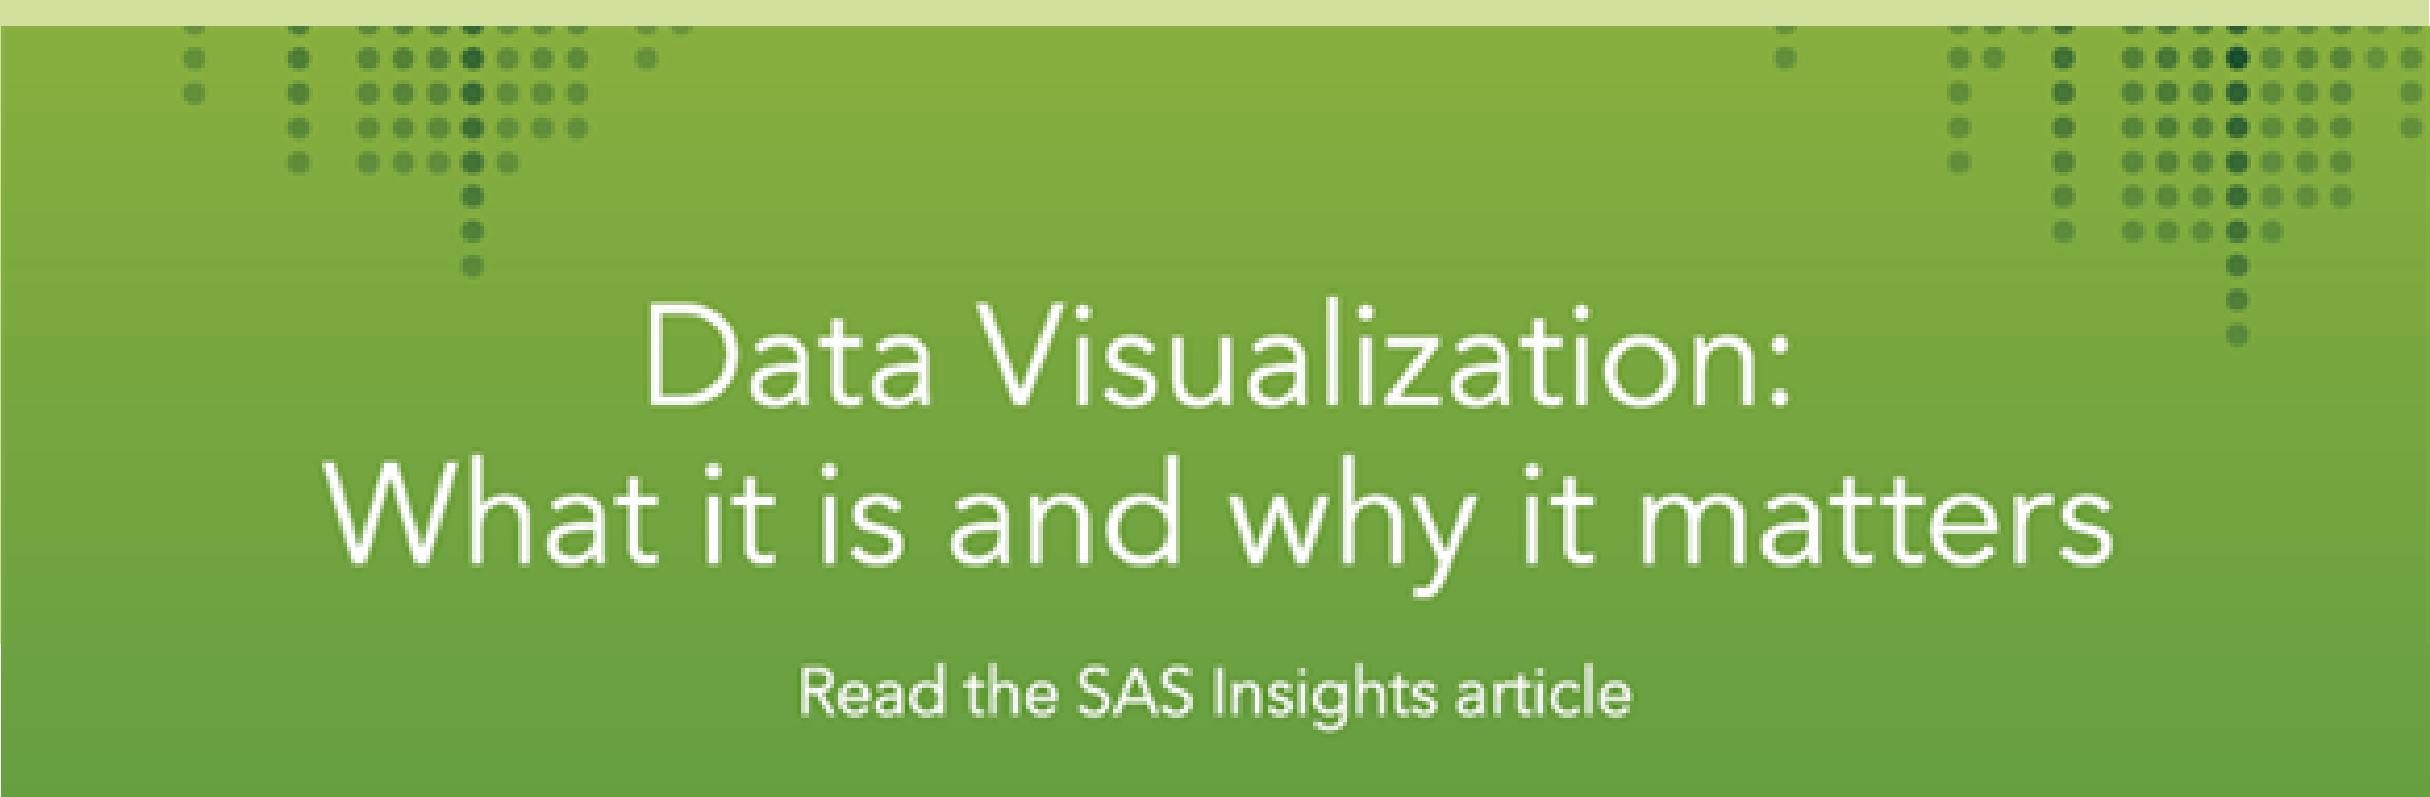 Data Visualization 1